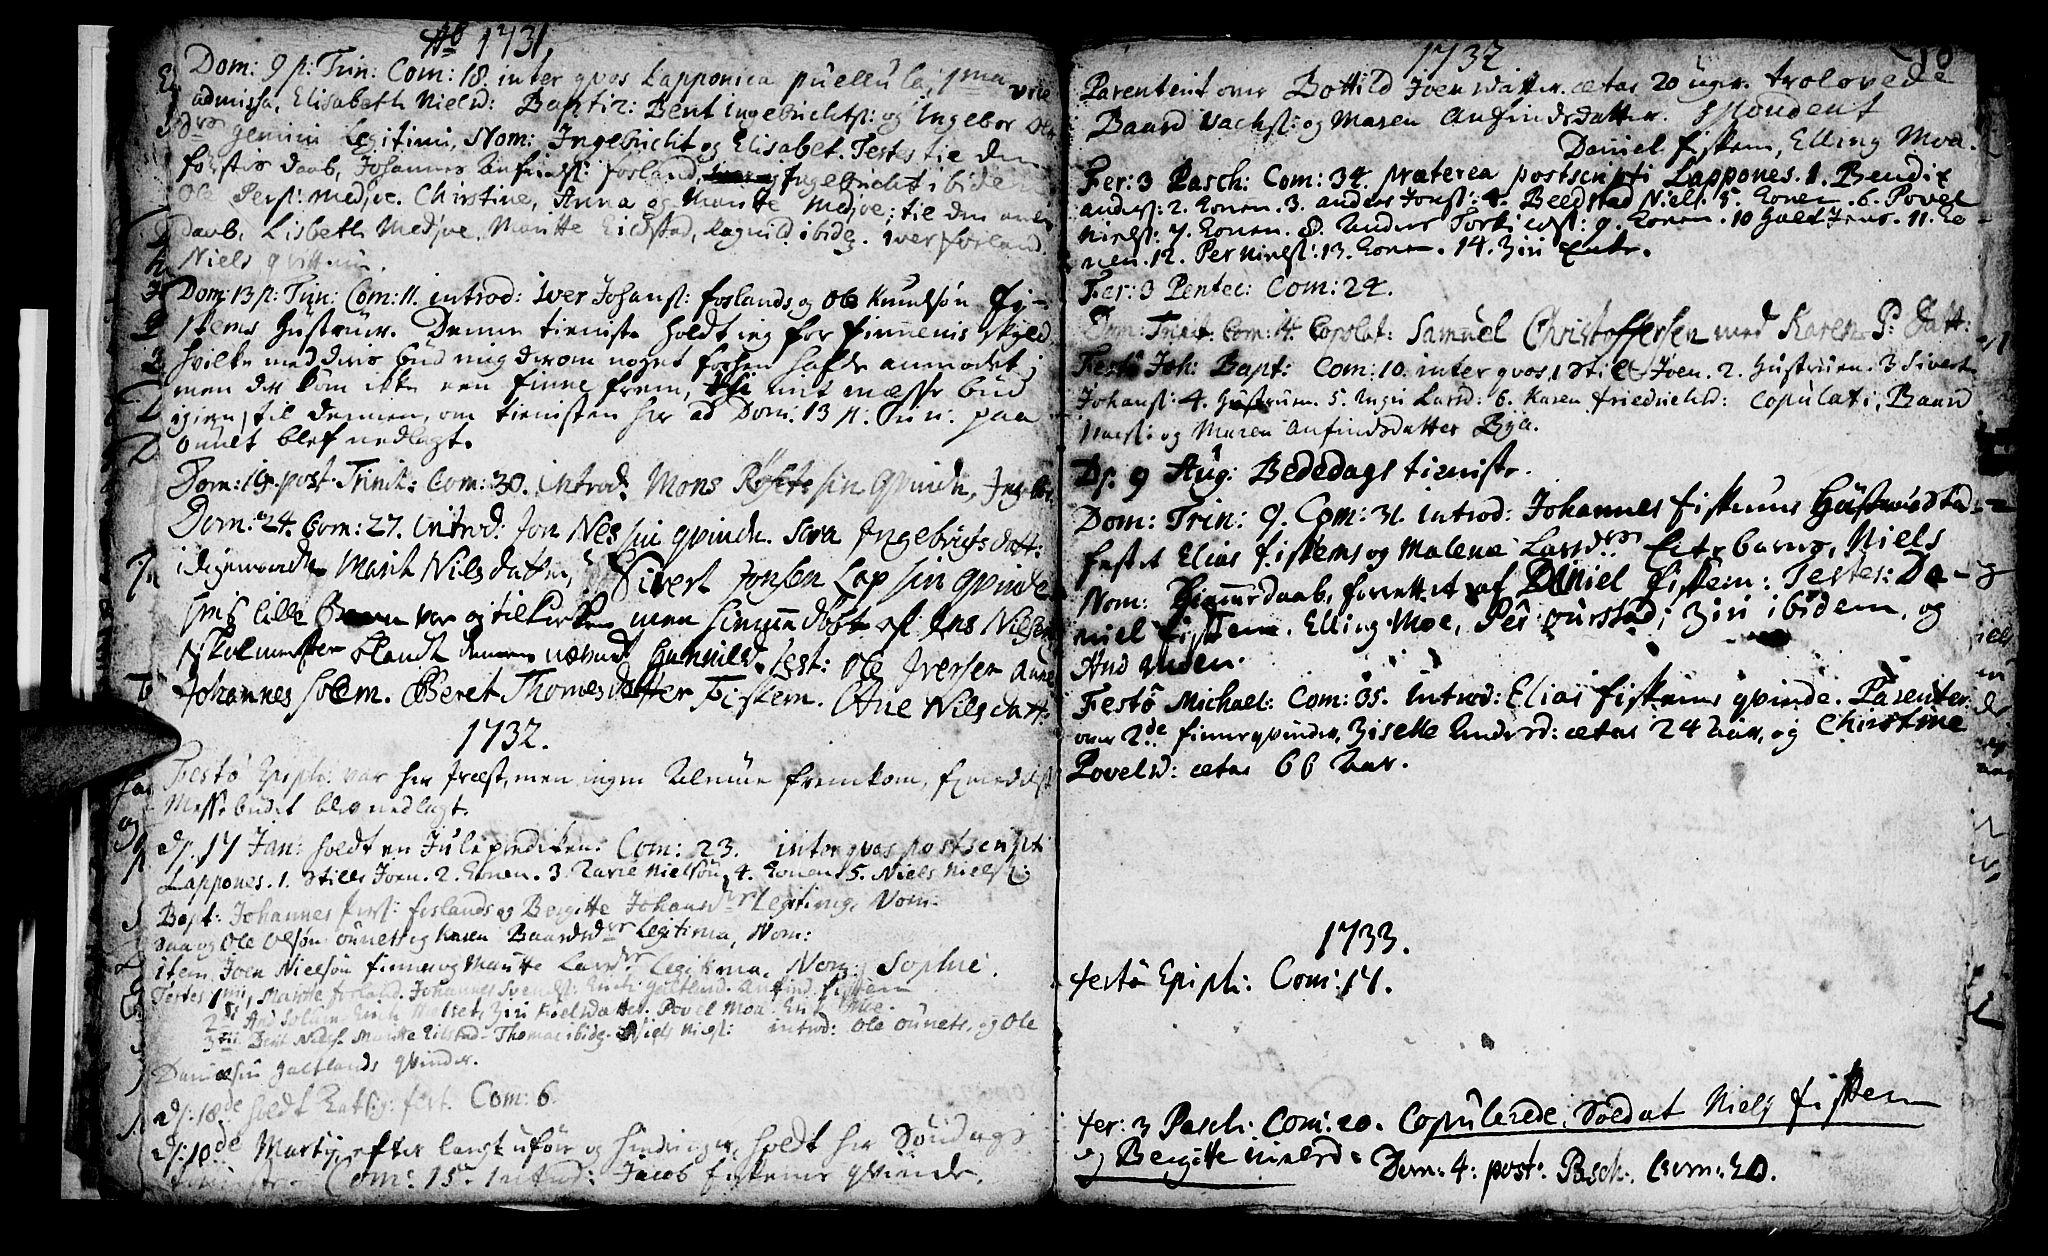 SAT, Ministerialprotokoller, klokkerbøker og fødselsregistre - Nord-Trøndelag, 759/L0525: Ministerialbok nr. 759A01, 1706-1748, s. 10